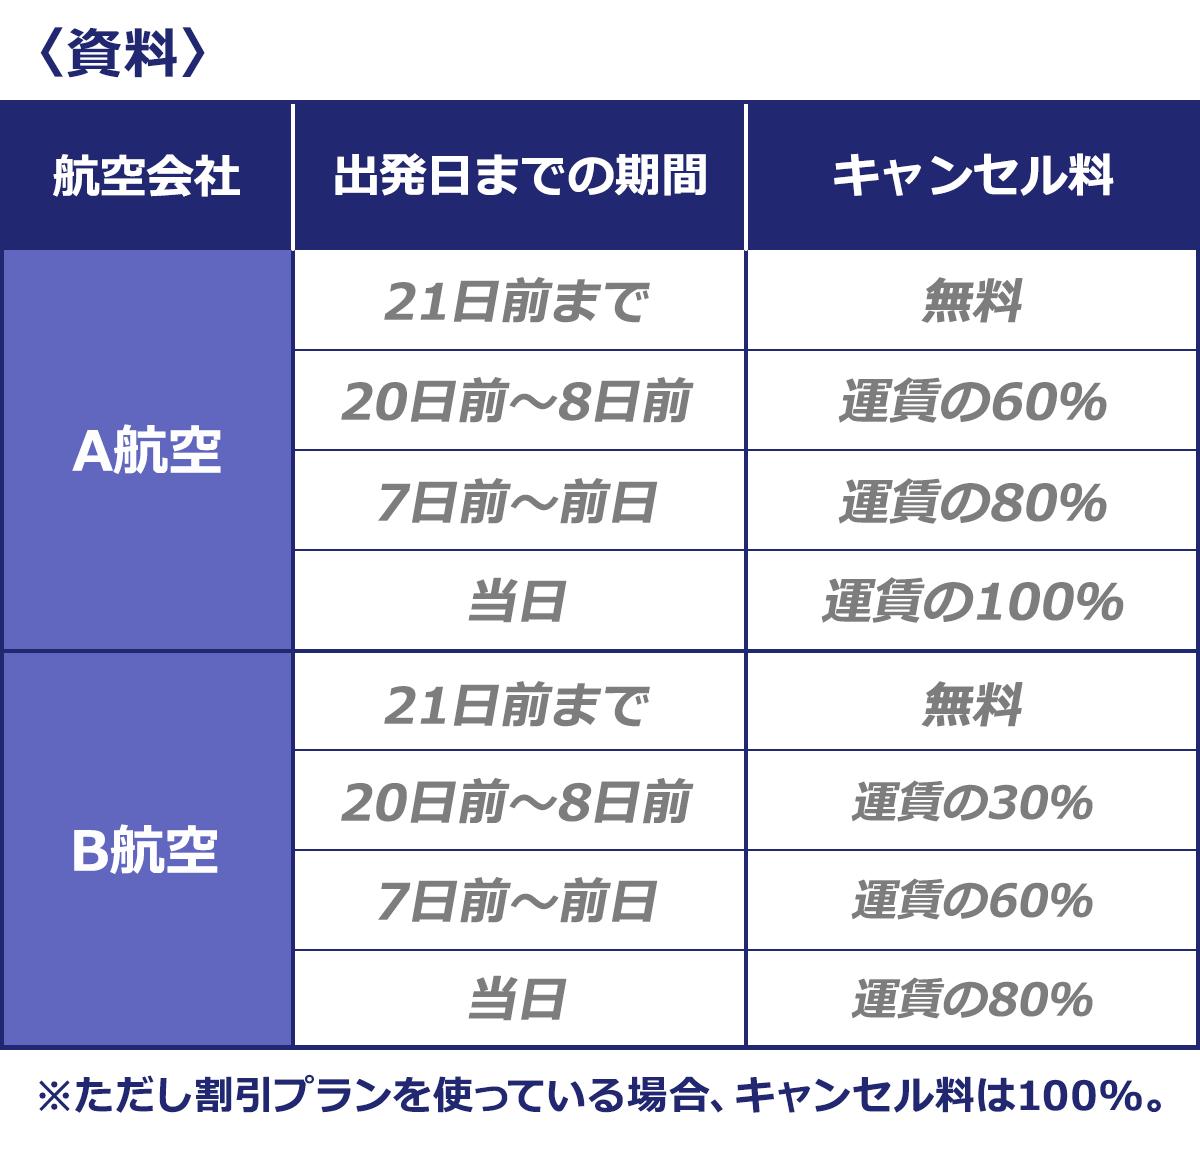 〈資料〉 (出発日までの期間/キャンセル料): ■A航空|21日前まで/無料 |20日前~8日前/運賃の60% |7日前~前日/運賃の80% |当日/運賃の100% ■B航空|21日前まで/無料 |20日前~8日前/運賃の30% |7日前~前日/運賃の60% |当日/運賃の80% ※ただし割引プランを使っている場合、キャンセル料は100%。